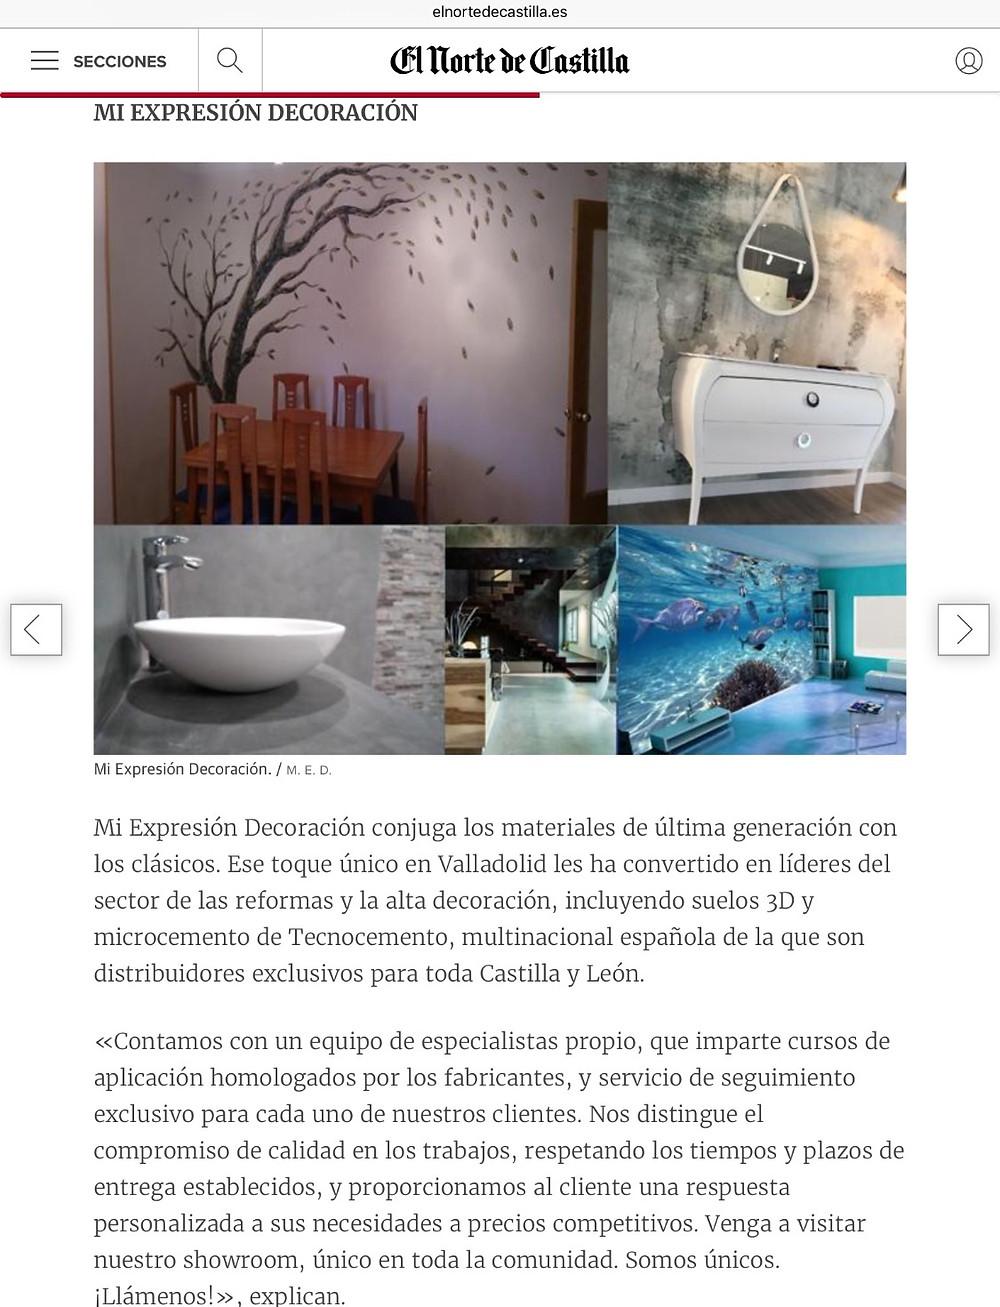 Mi Expresion Decoracion Valladolid